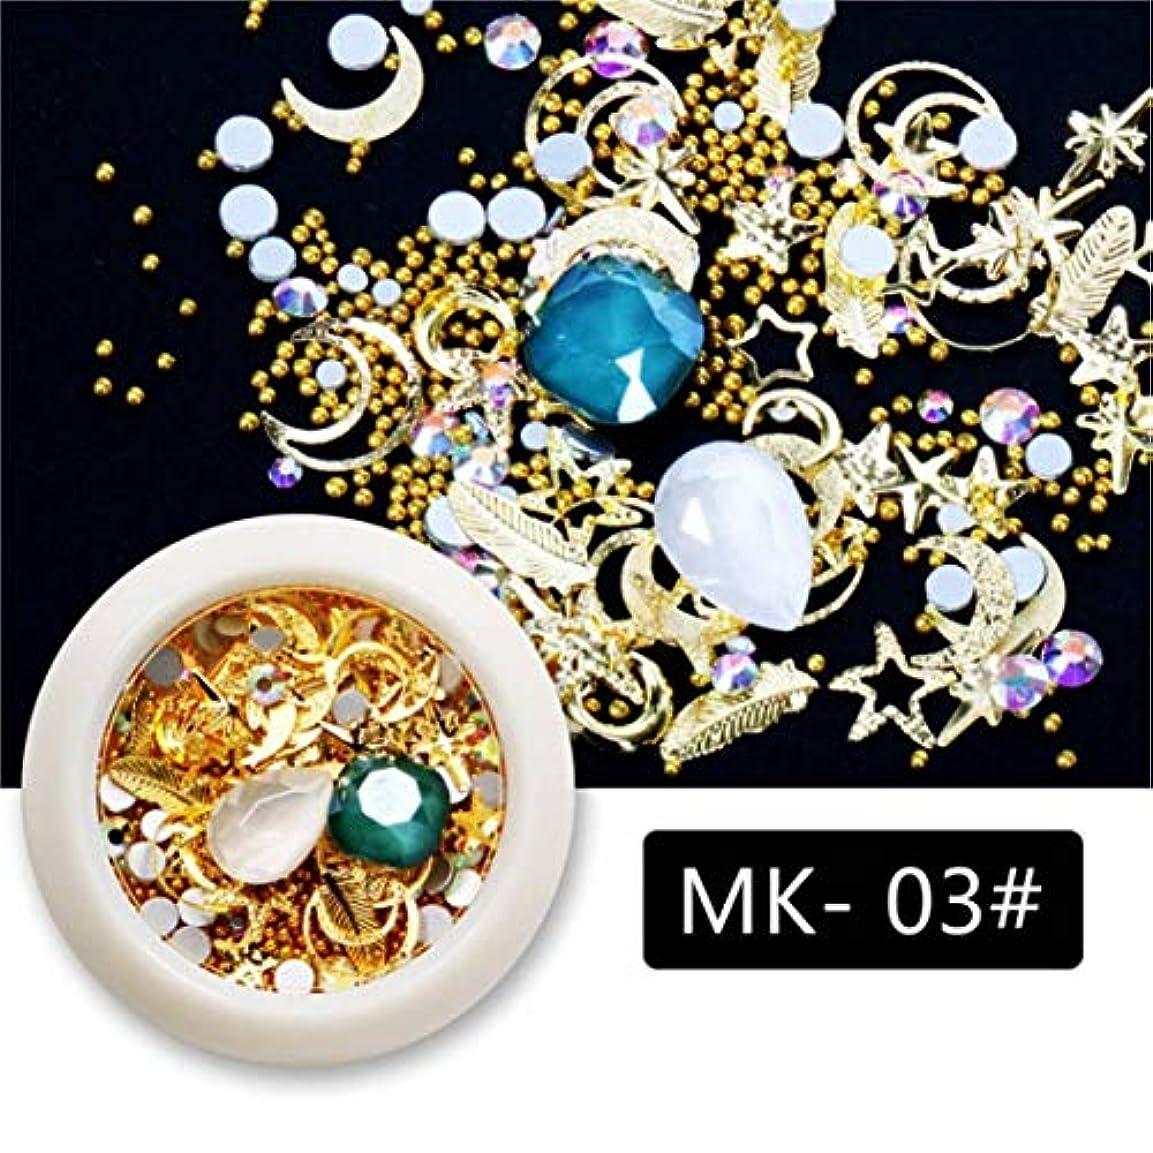 密変動する独占Yoshilimen 1新しいネイルデザインジュエリーネイルデザインダイヤモンド木木石(None MK-03)